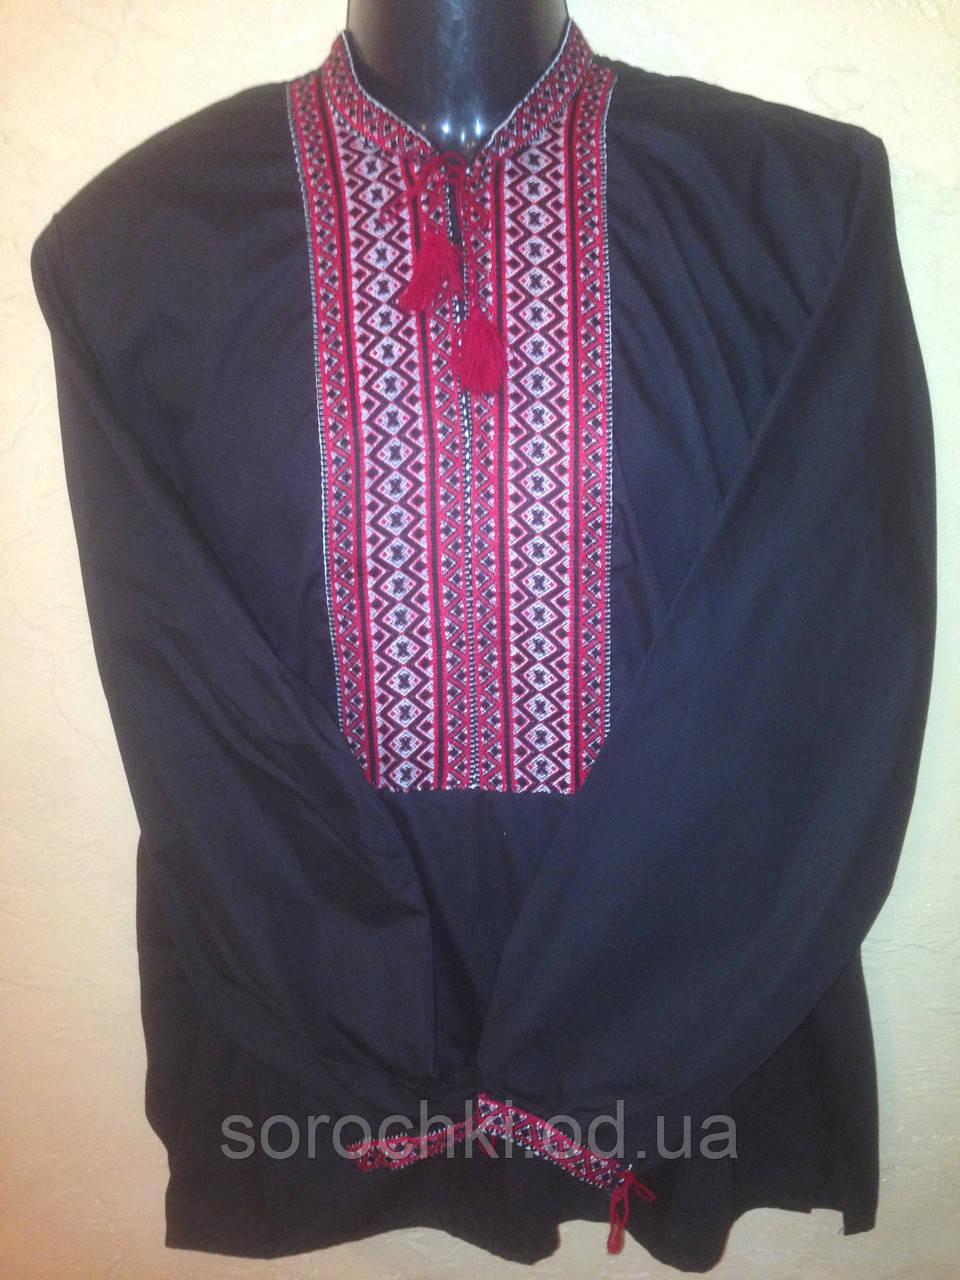 Вышиванка мужская ,  с красной вышивкой , материал  поплин, черная и белая